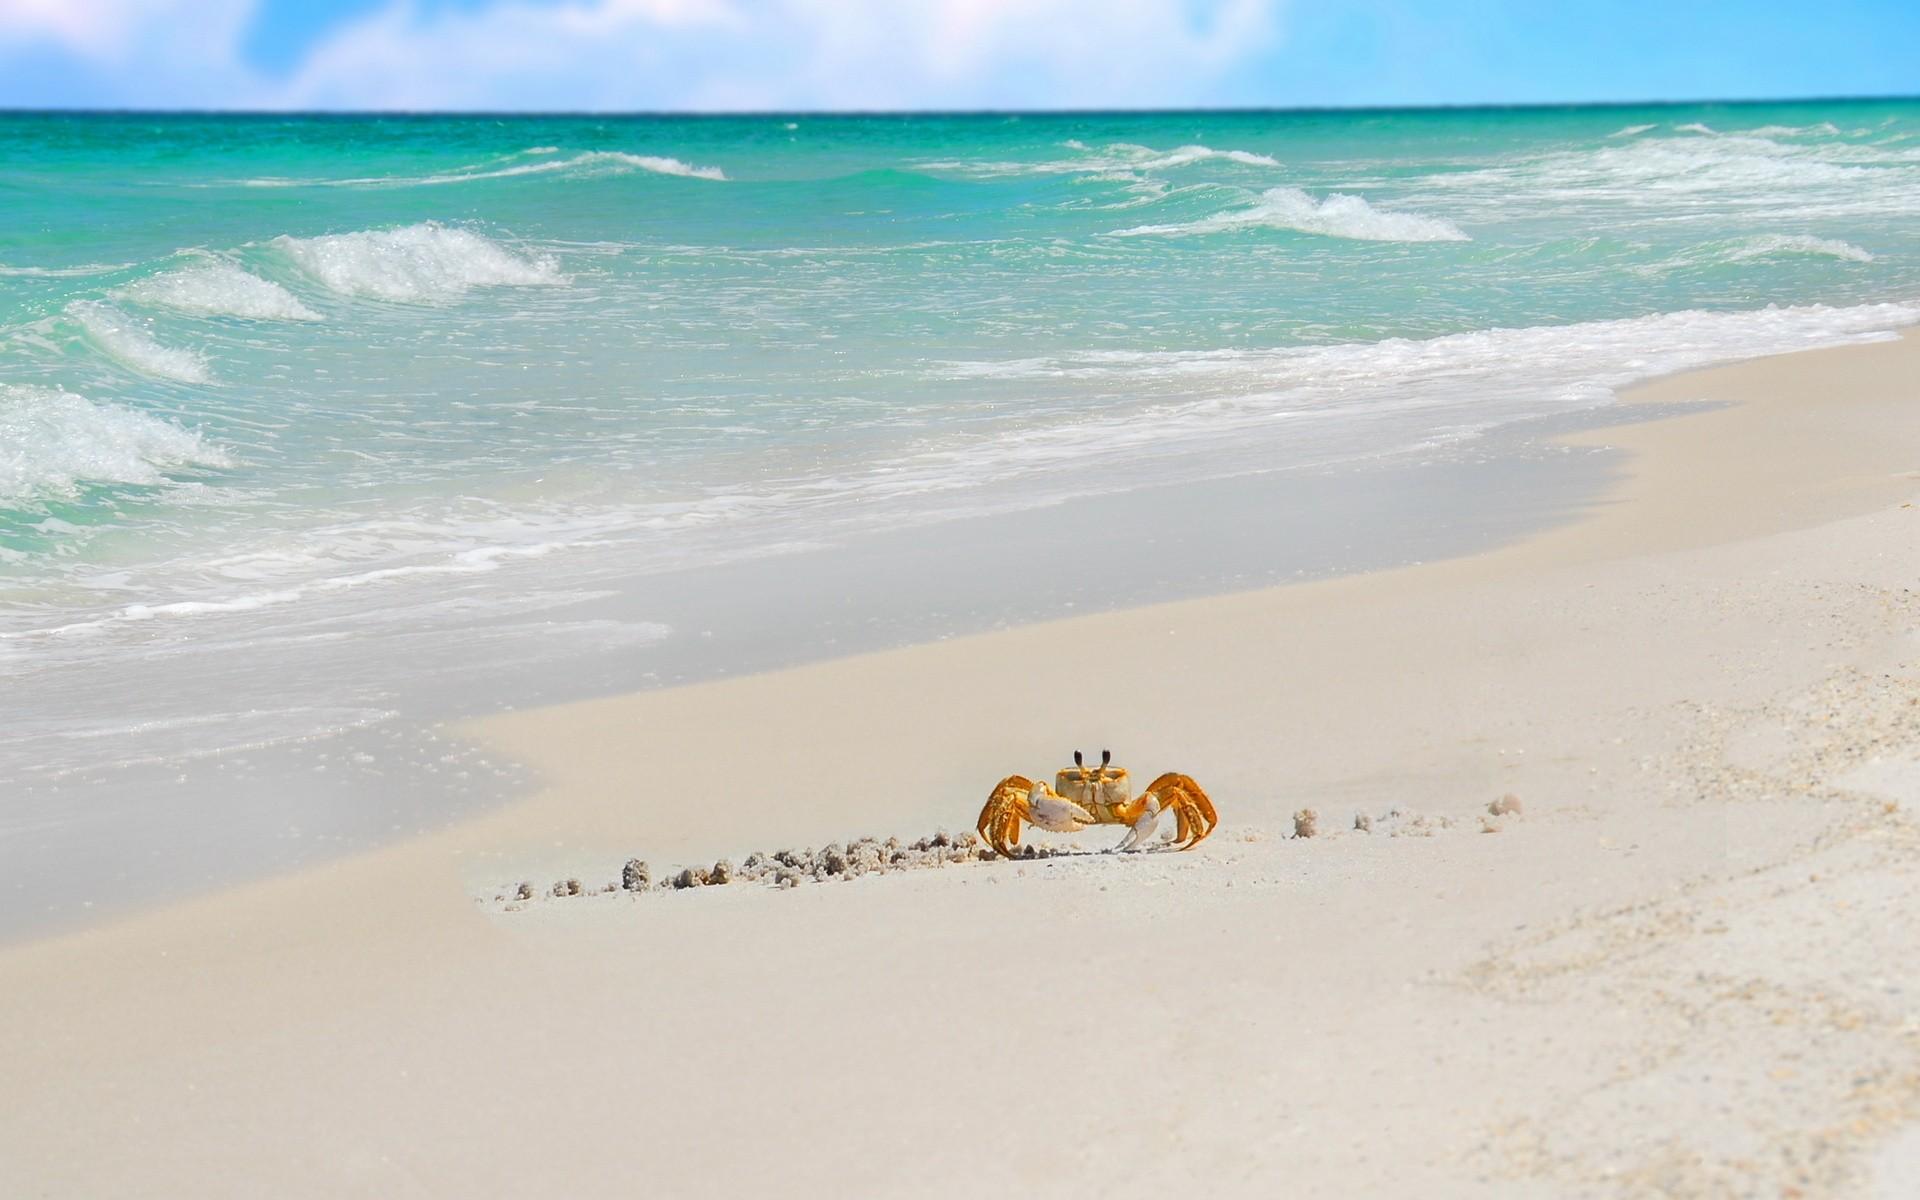 Cangrejo caminando en la playa - 1920x1200